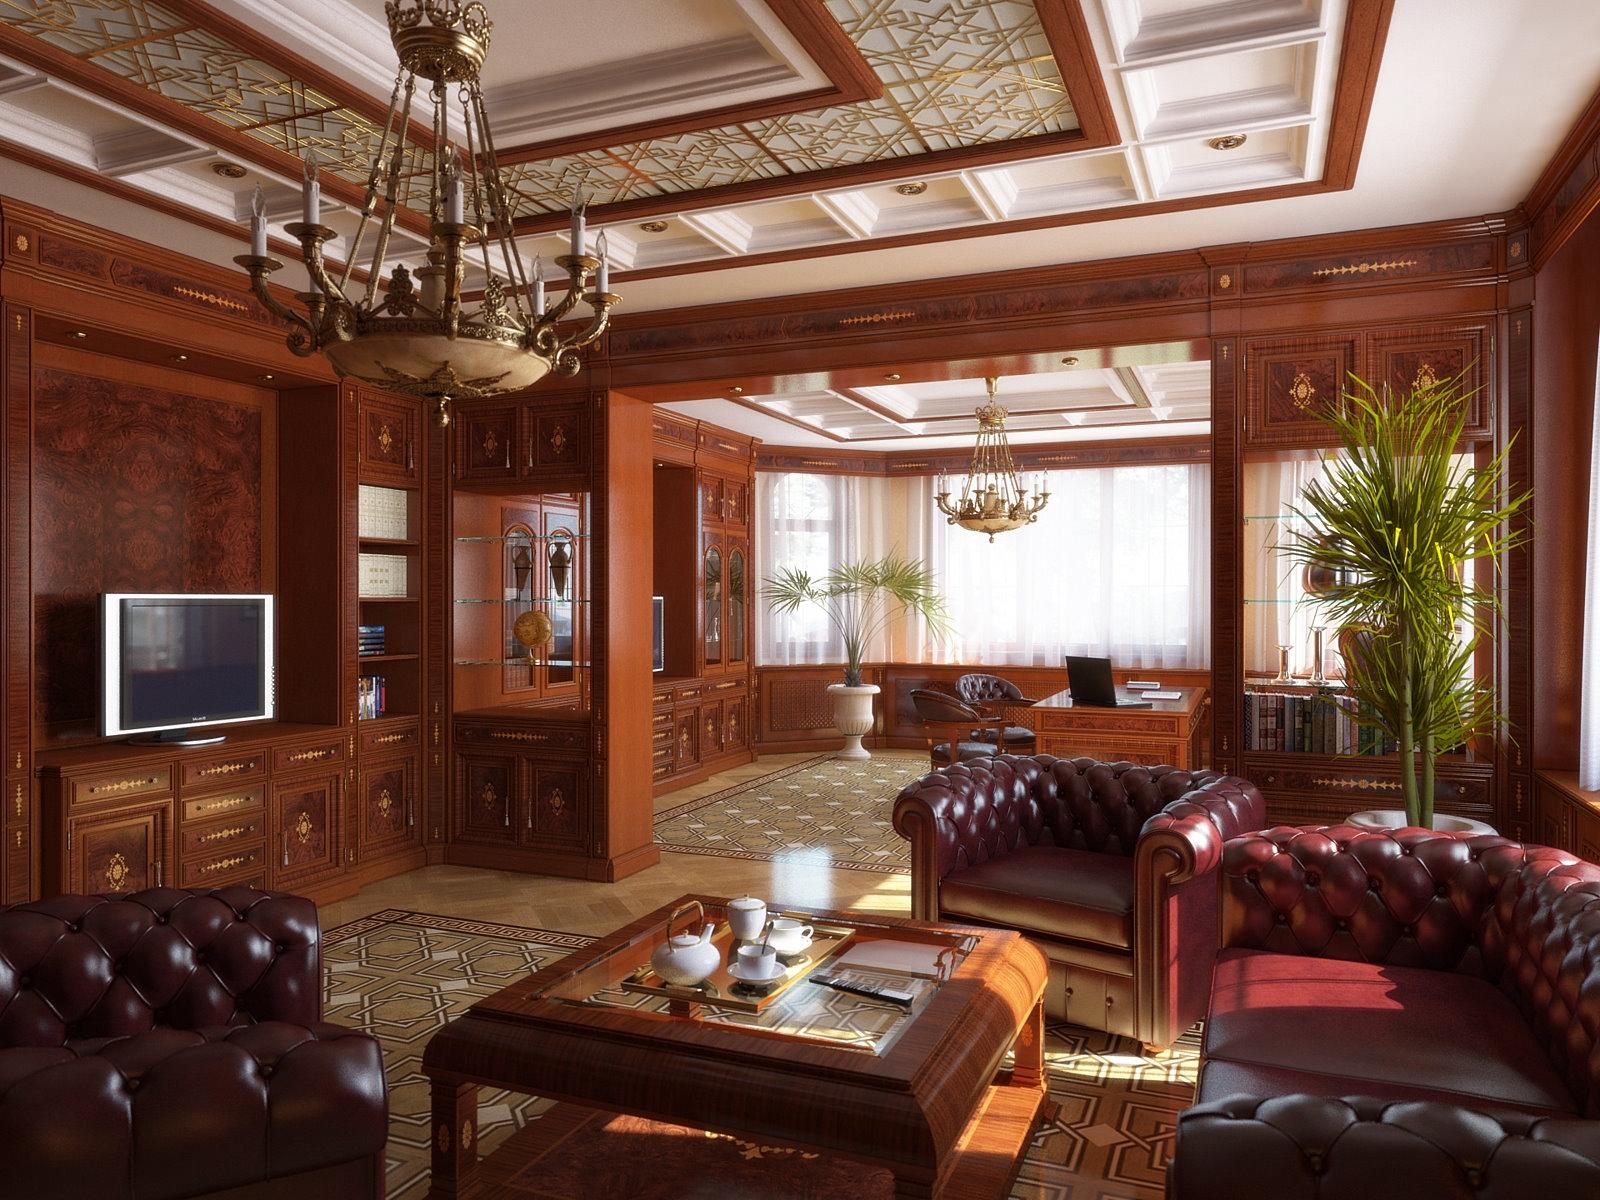 Papel De Parede Quarto Cadeira Televis O Design De Interiores  -> Casa Sala De Tv Sala De Jantar A Fazenda